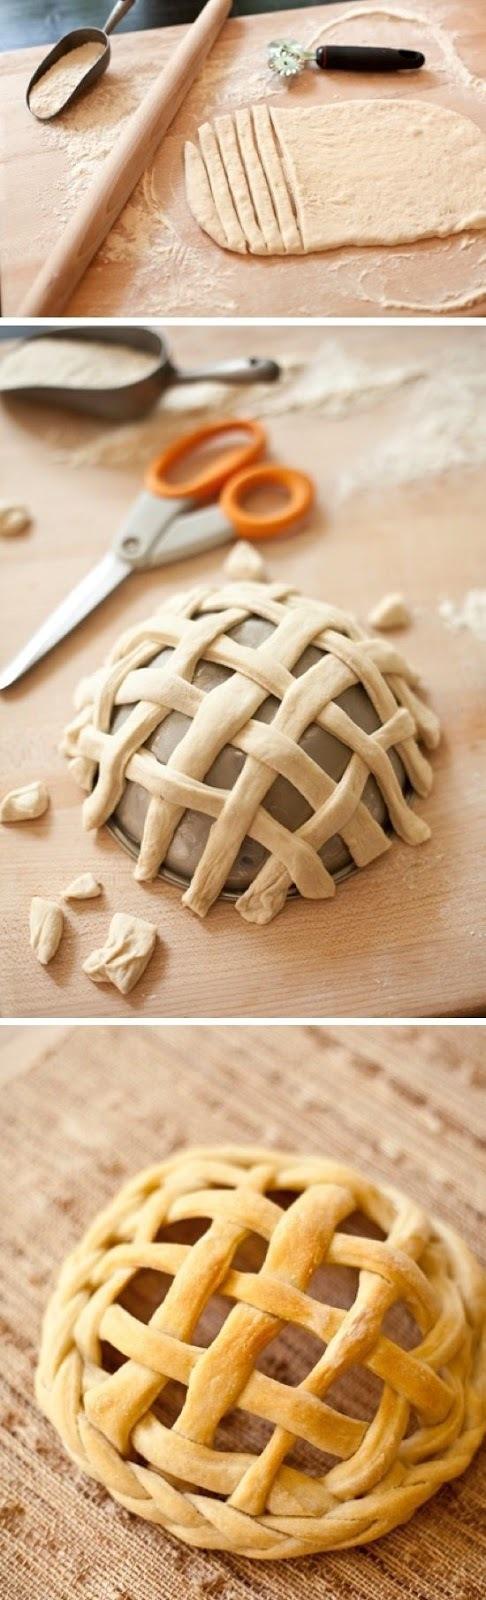 Técnica fácil para fazer uma cesta com massa de pão caseiro.